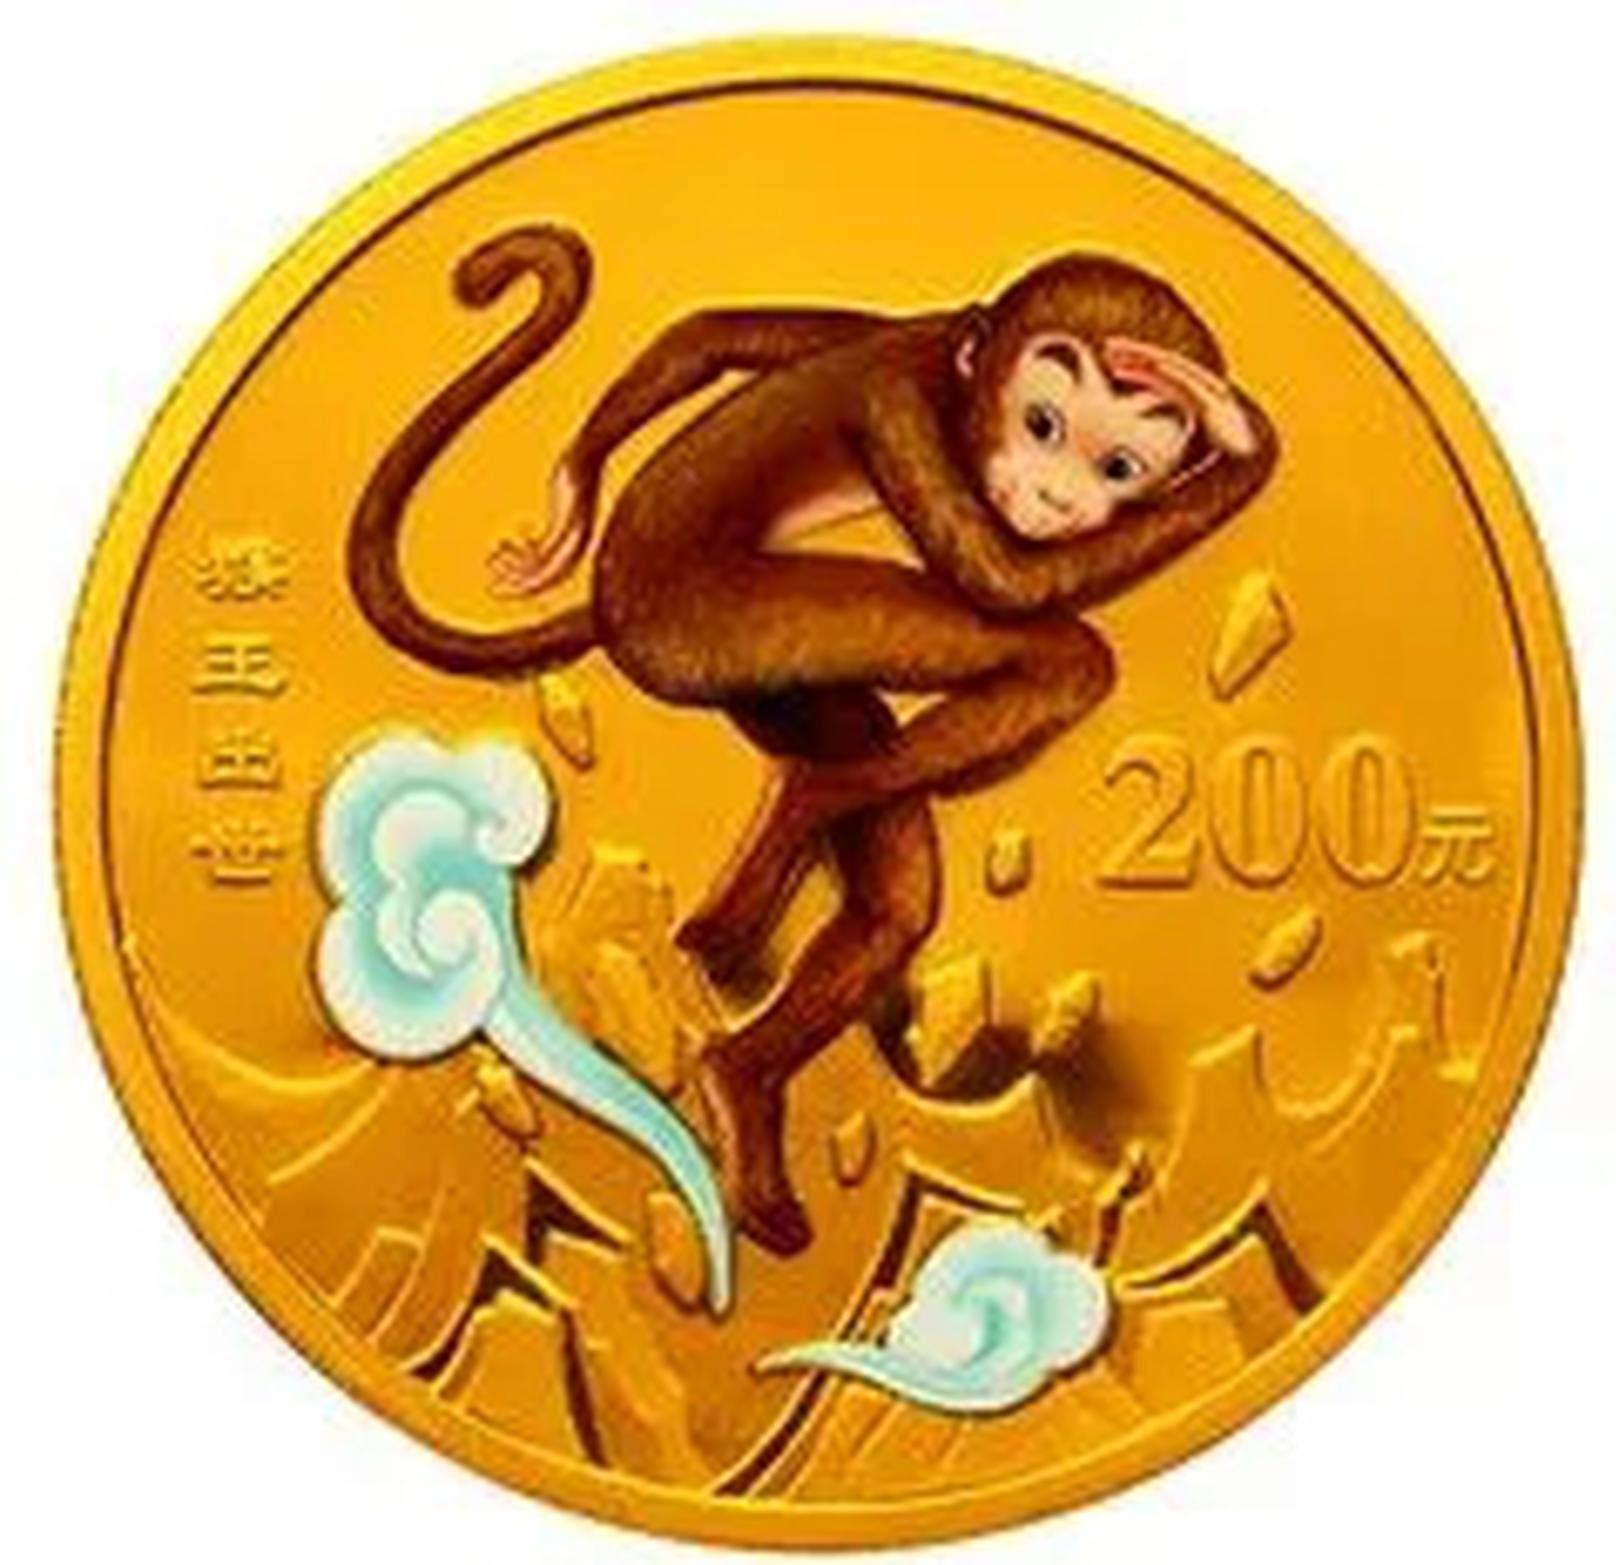 【优选征文】生肖金银币这样设计,好不好?